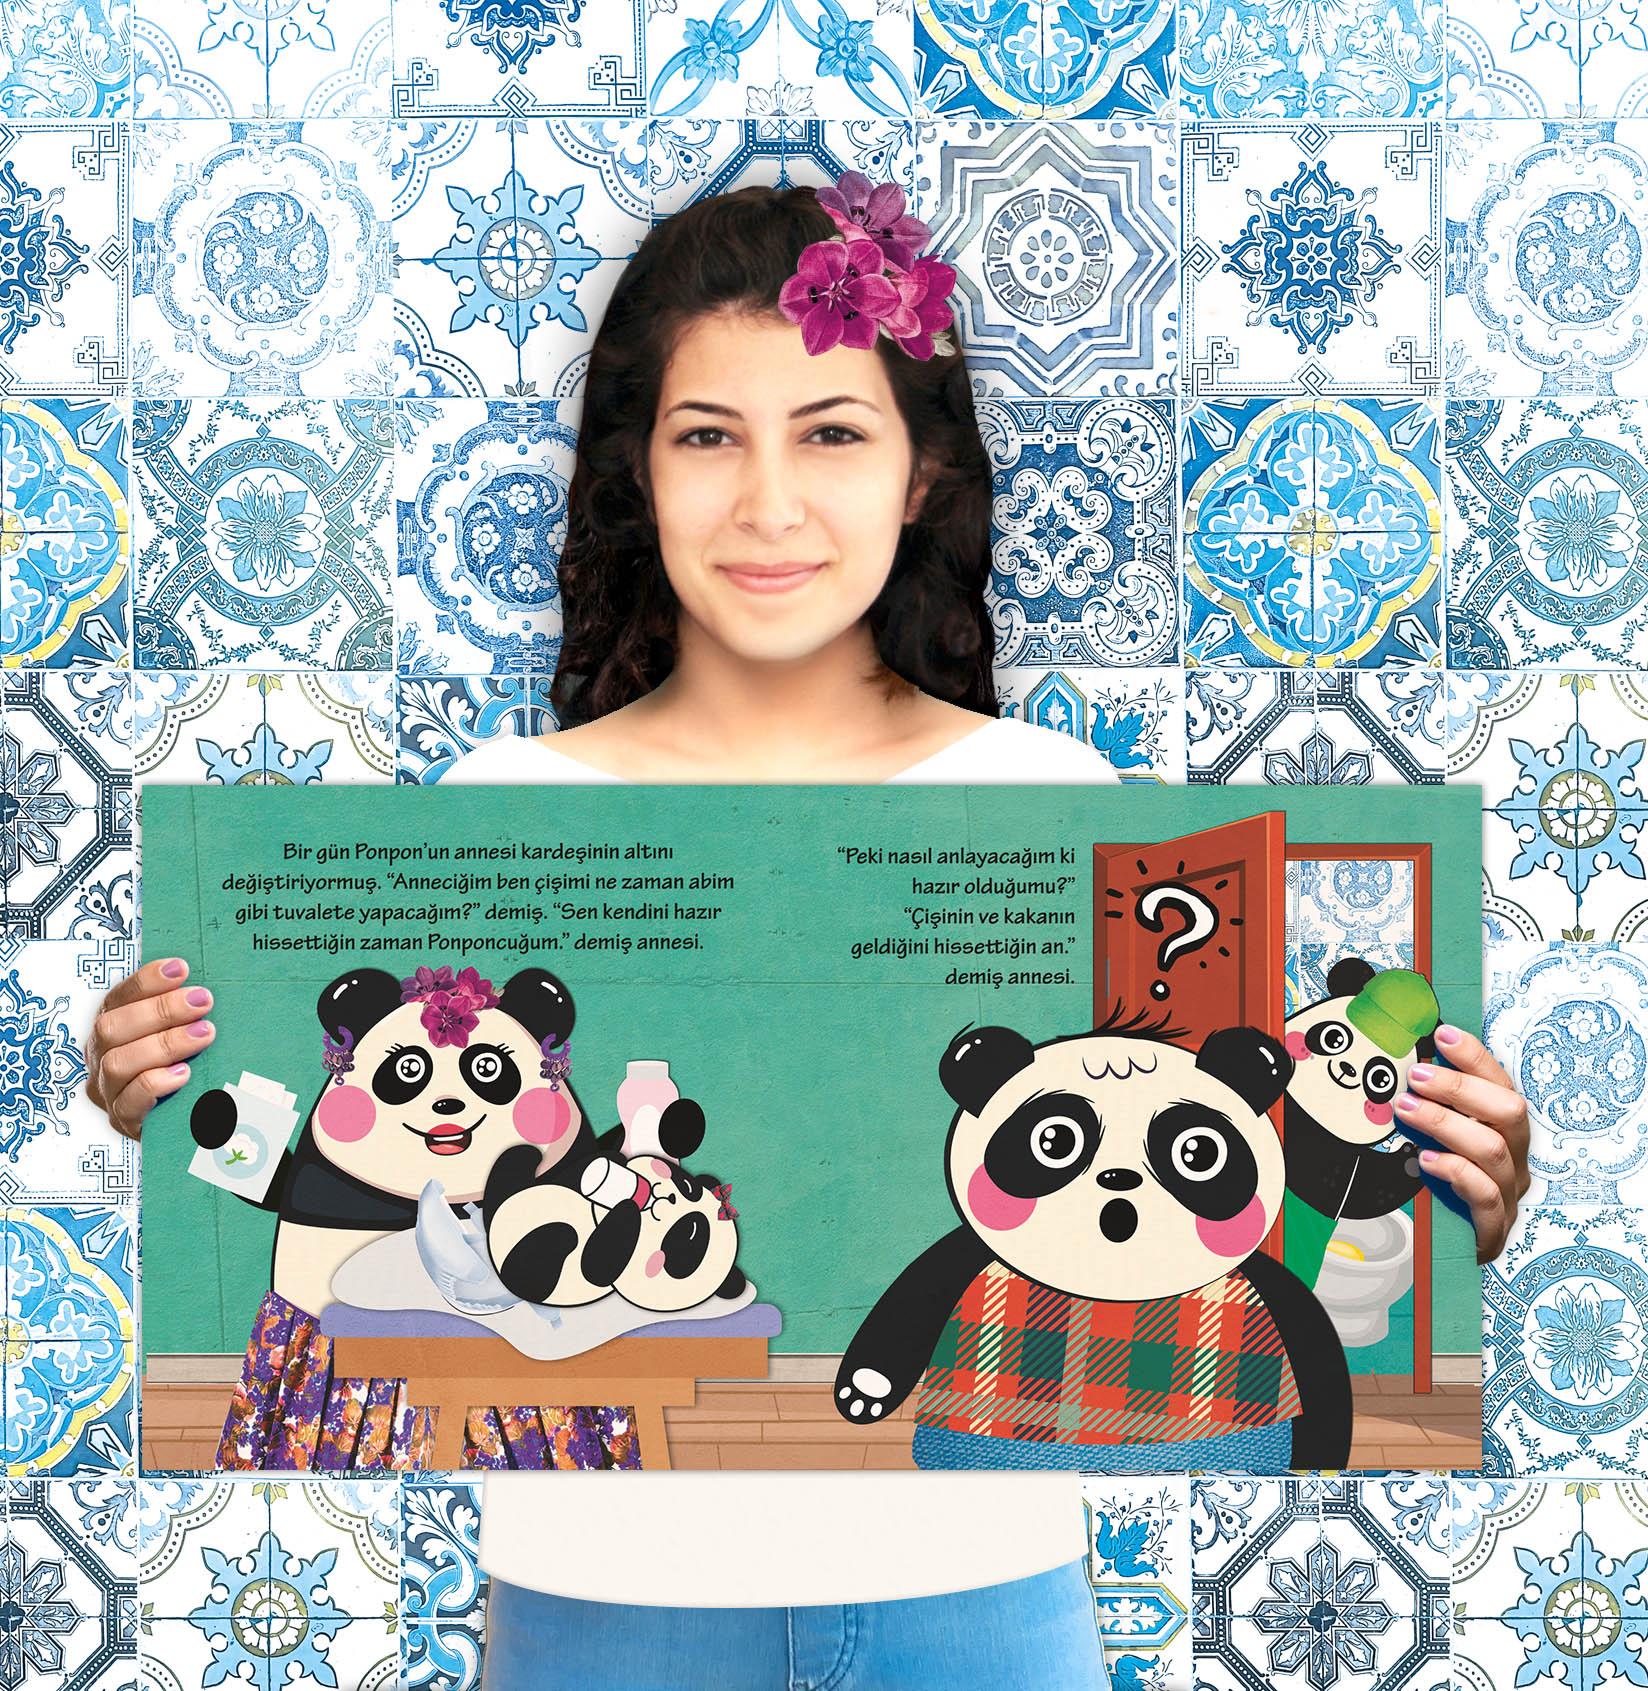 Ponpon Panda